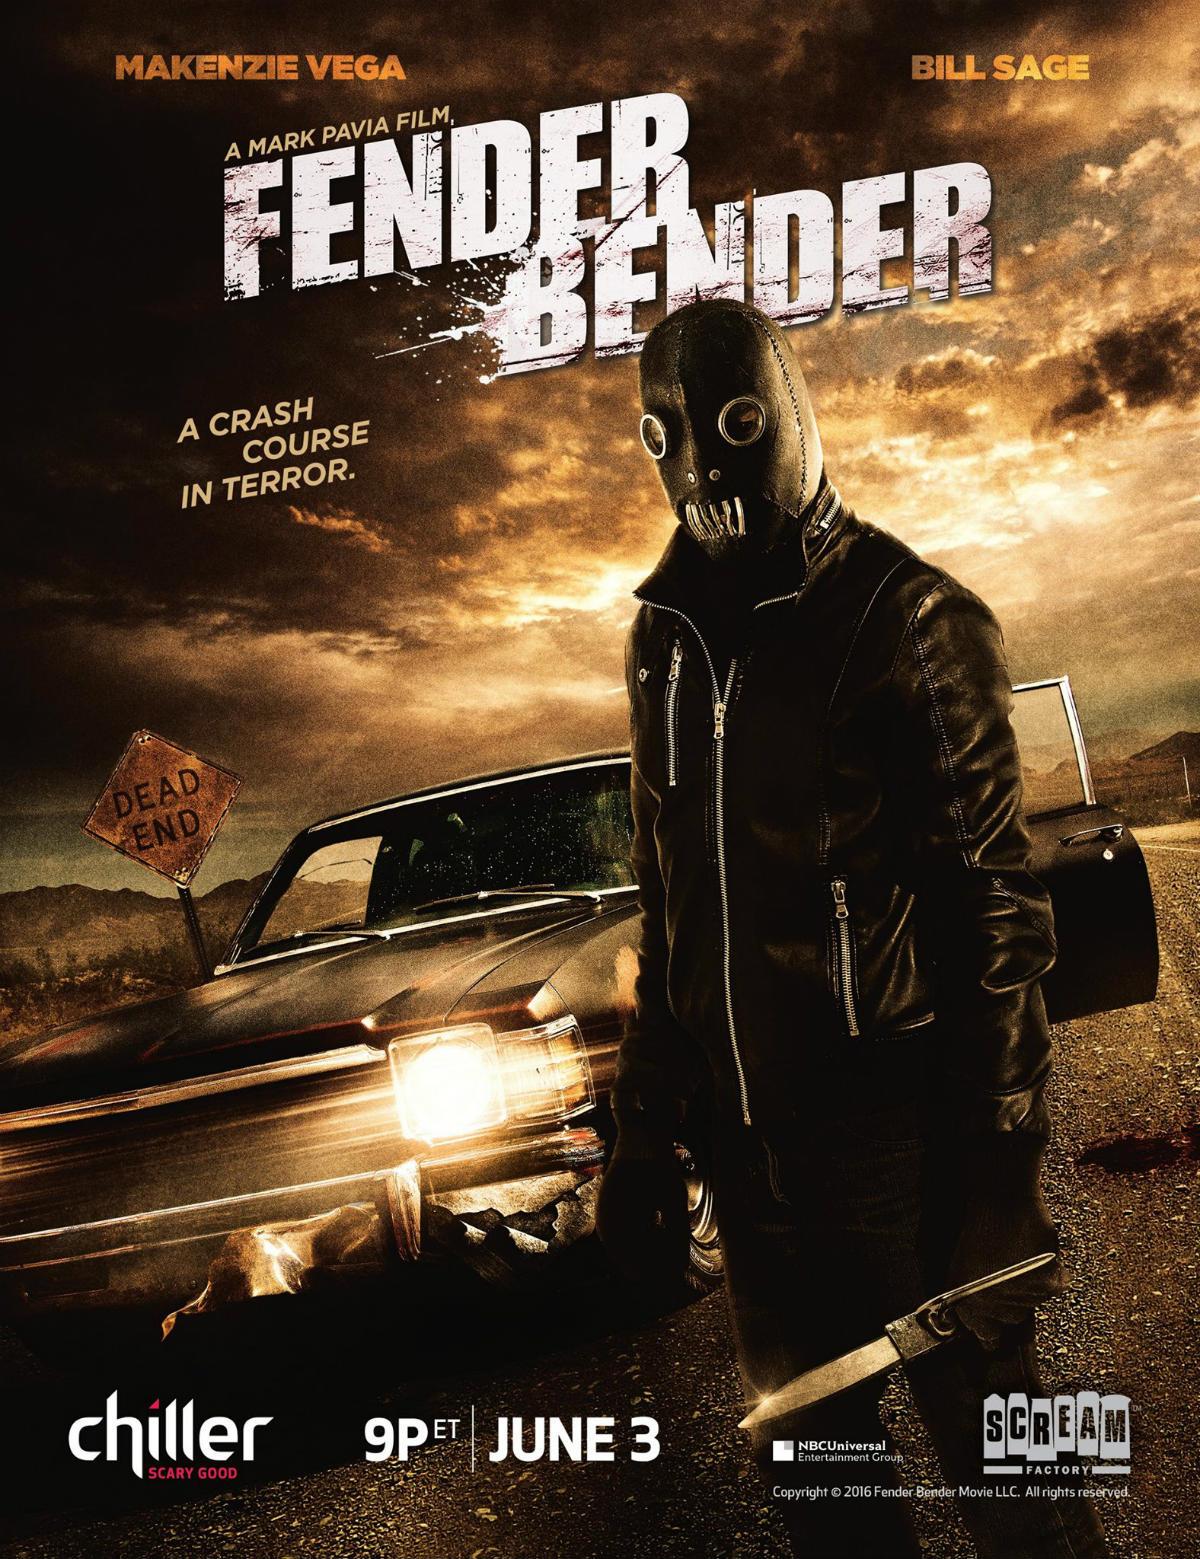 Fender-Bender-poster.jpg